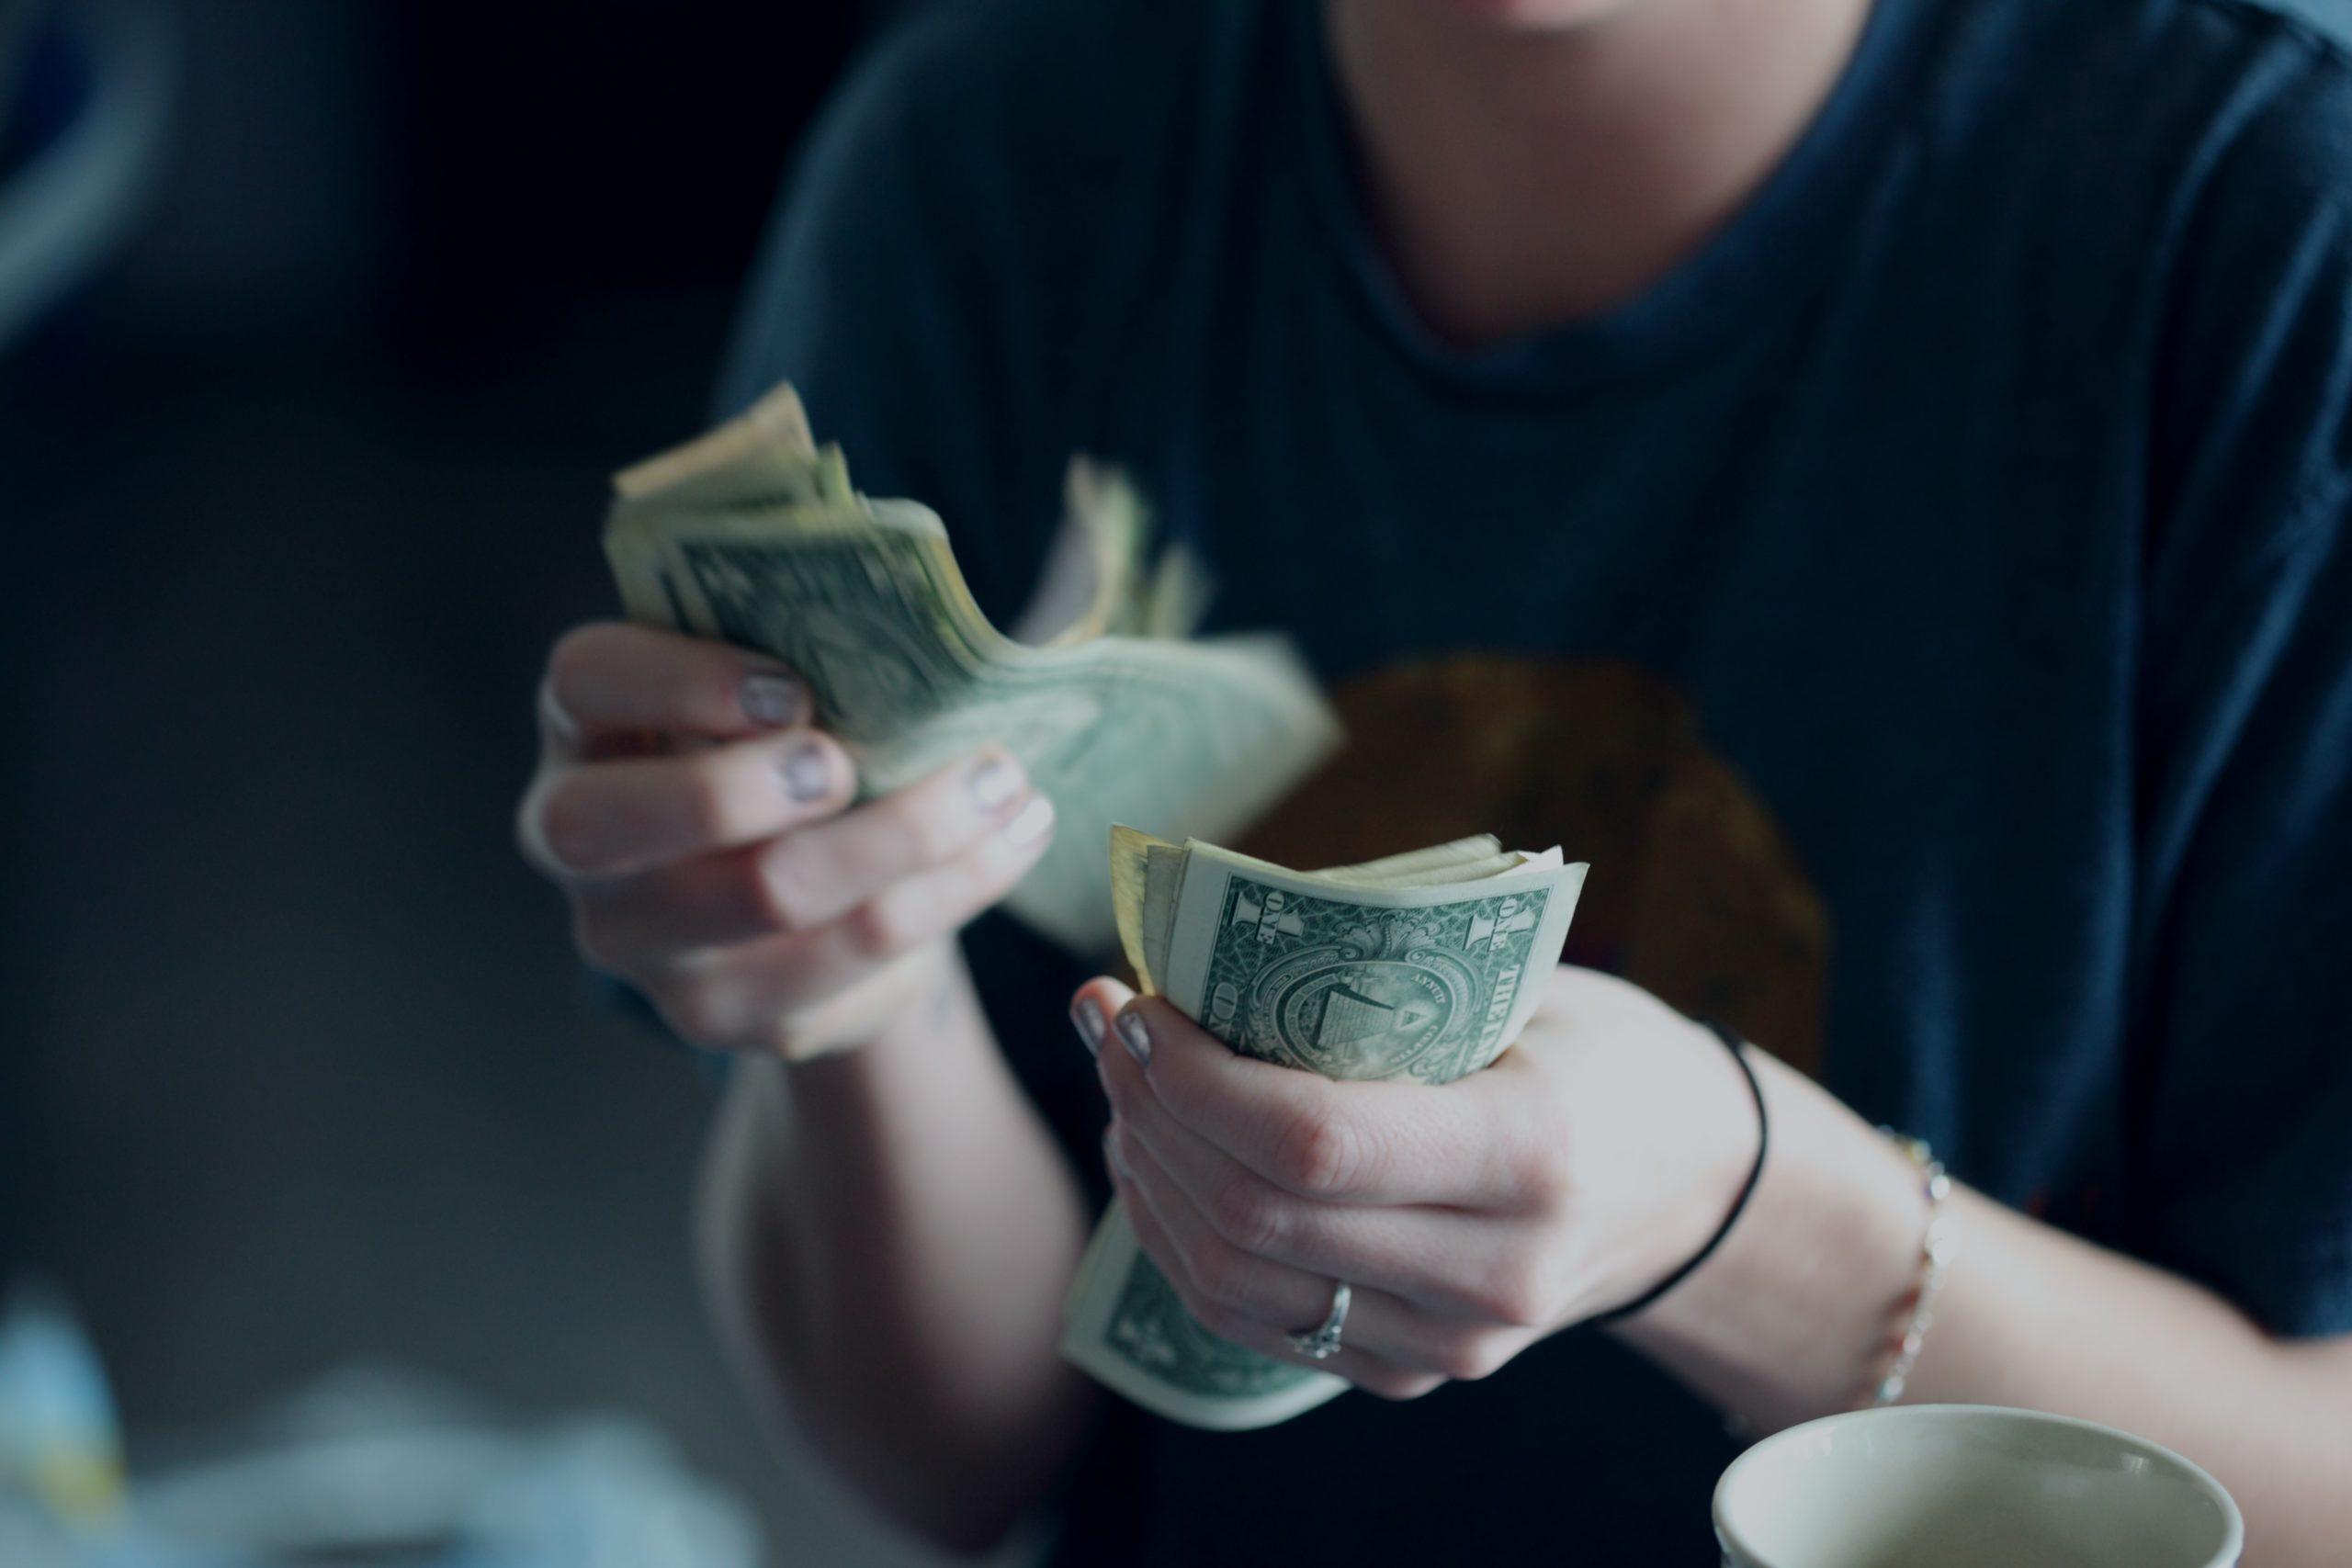 あり金は全部使え 貯めるバカほど貧しくなる